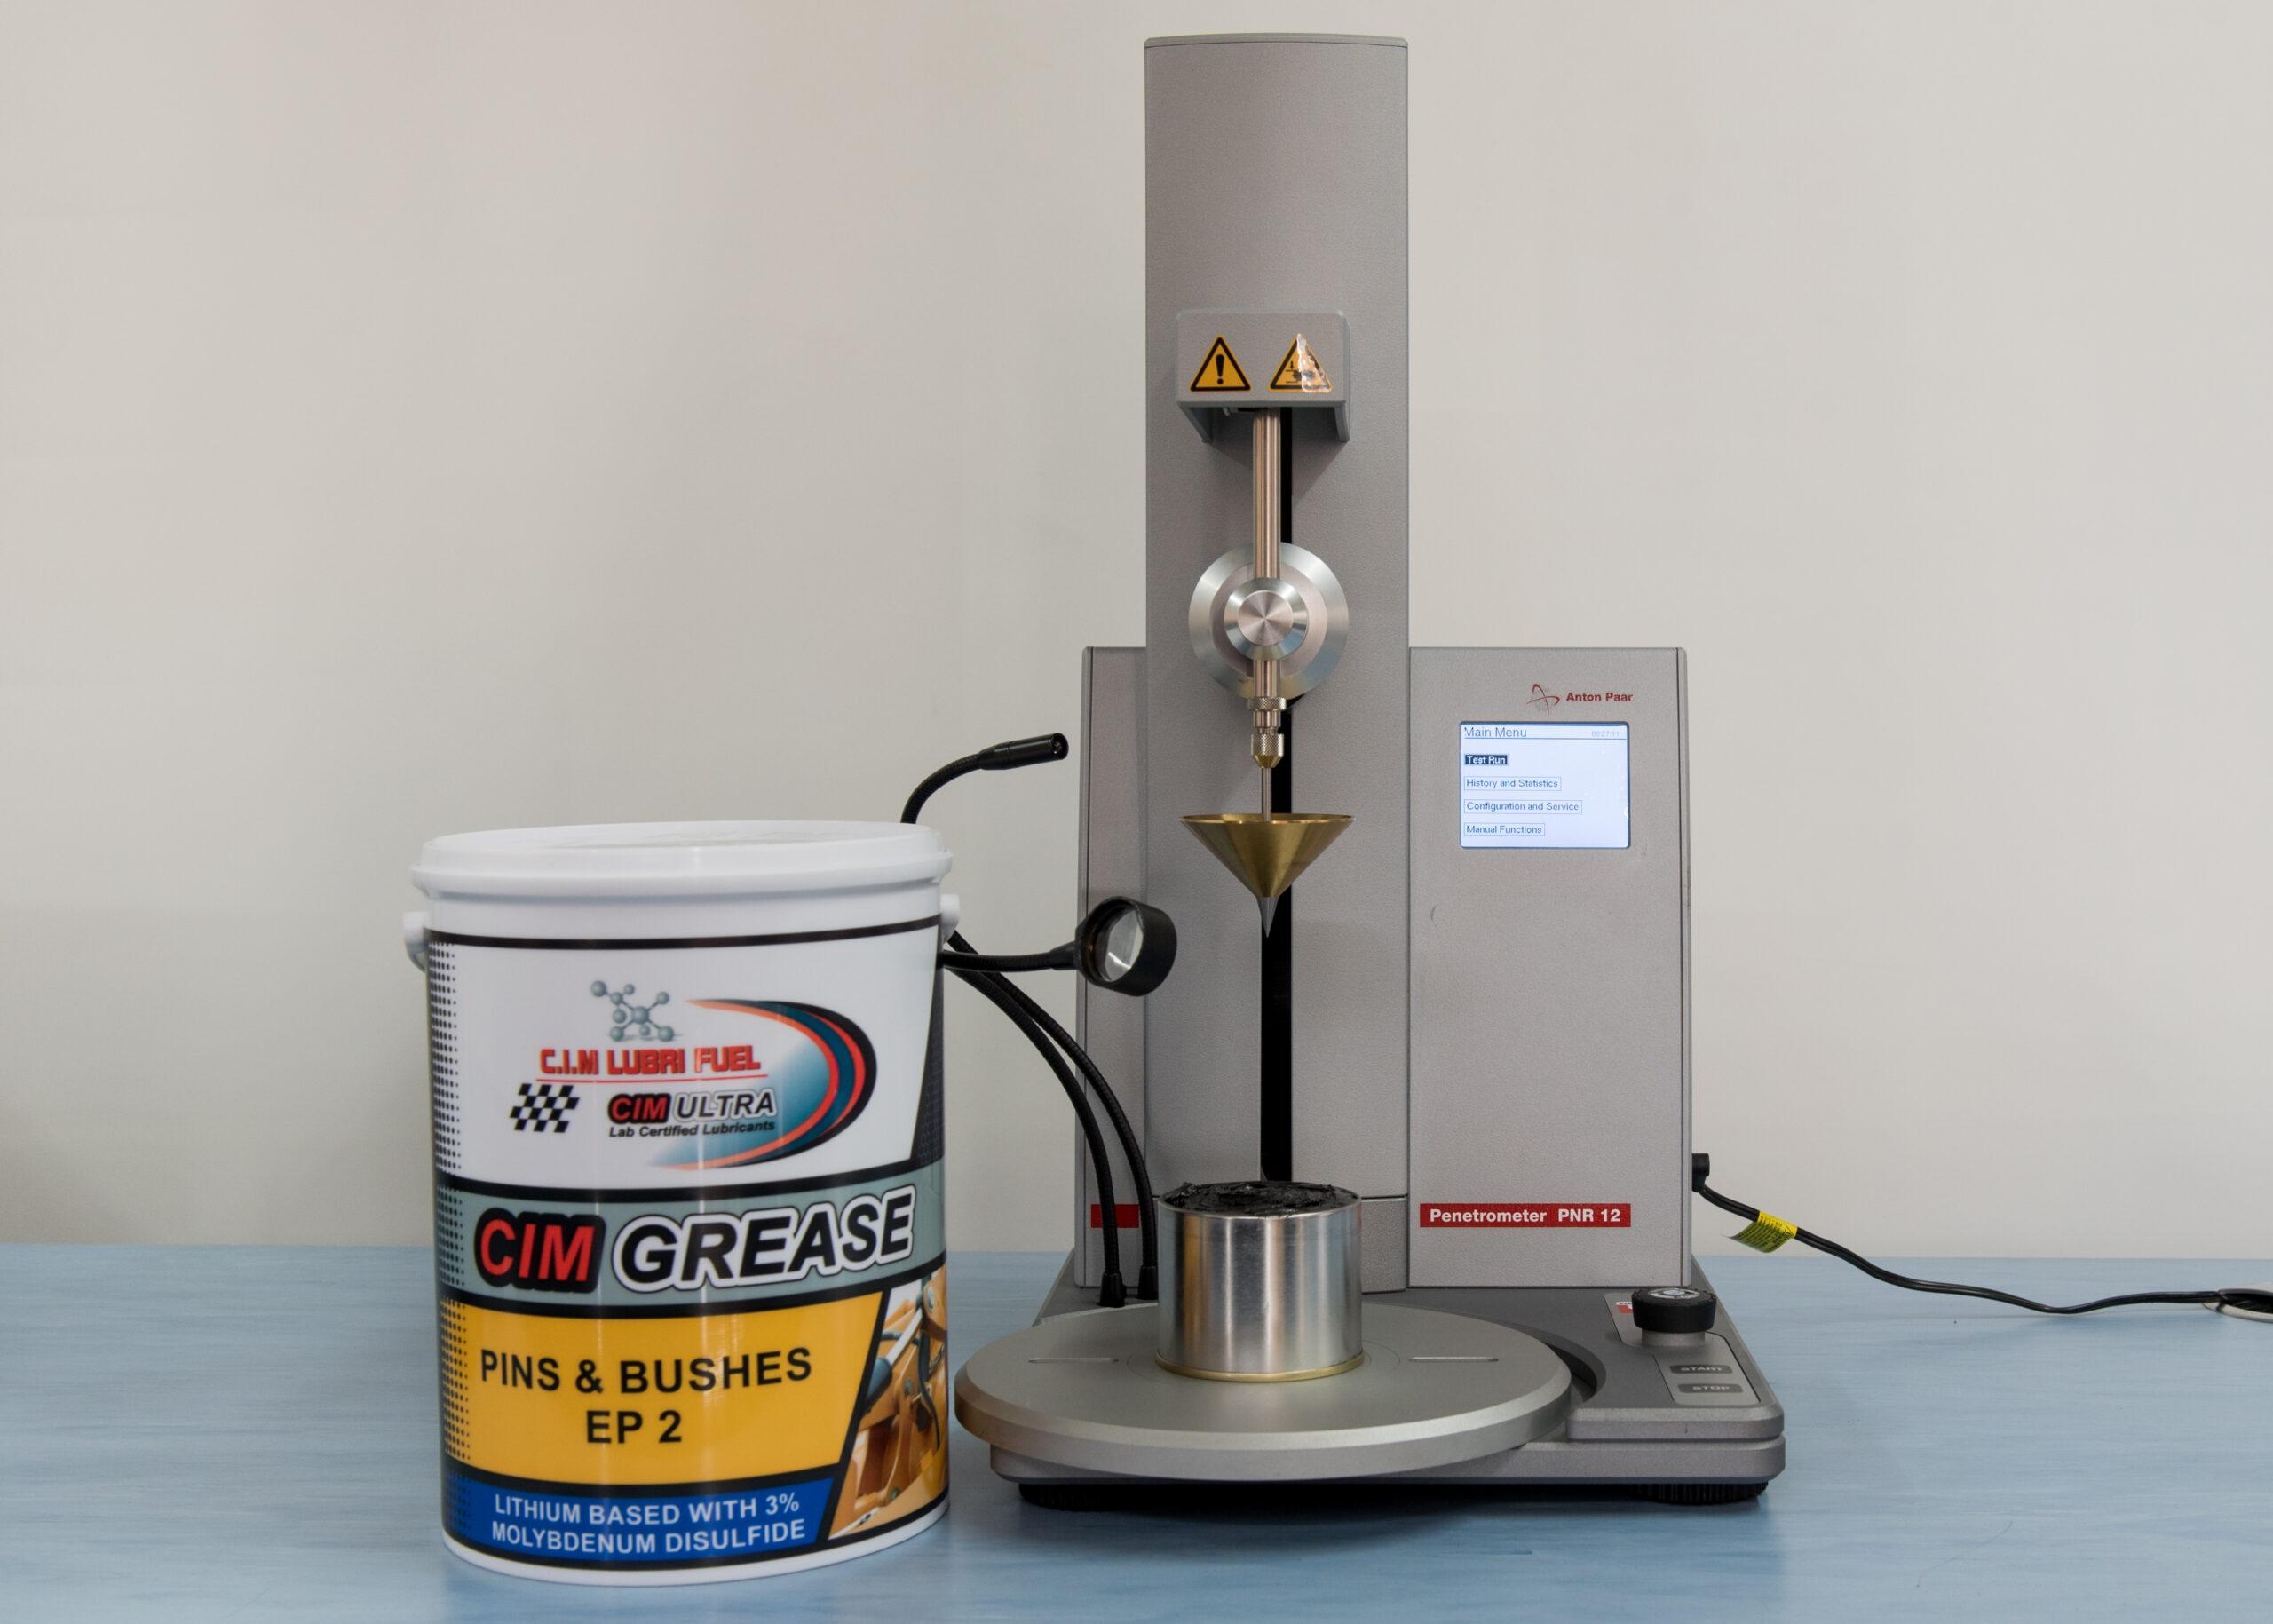 C.I.M. Lubri Fuel C.I.M`s Penetrometer